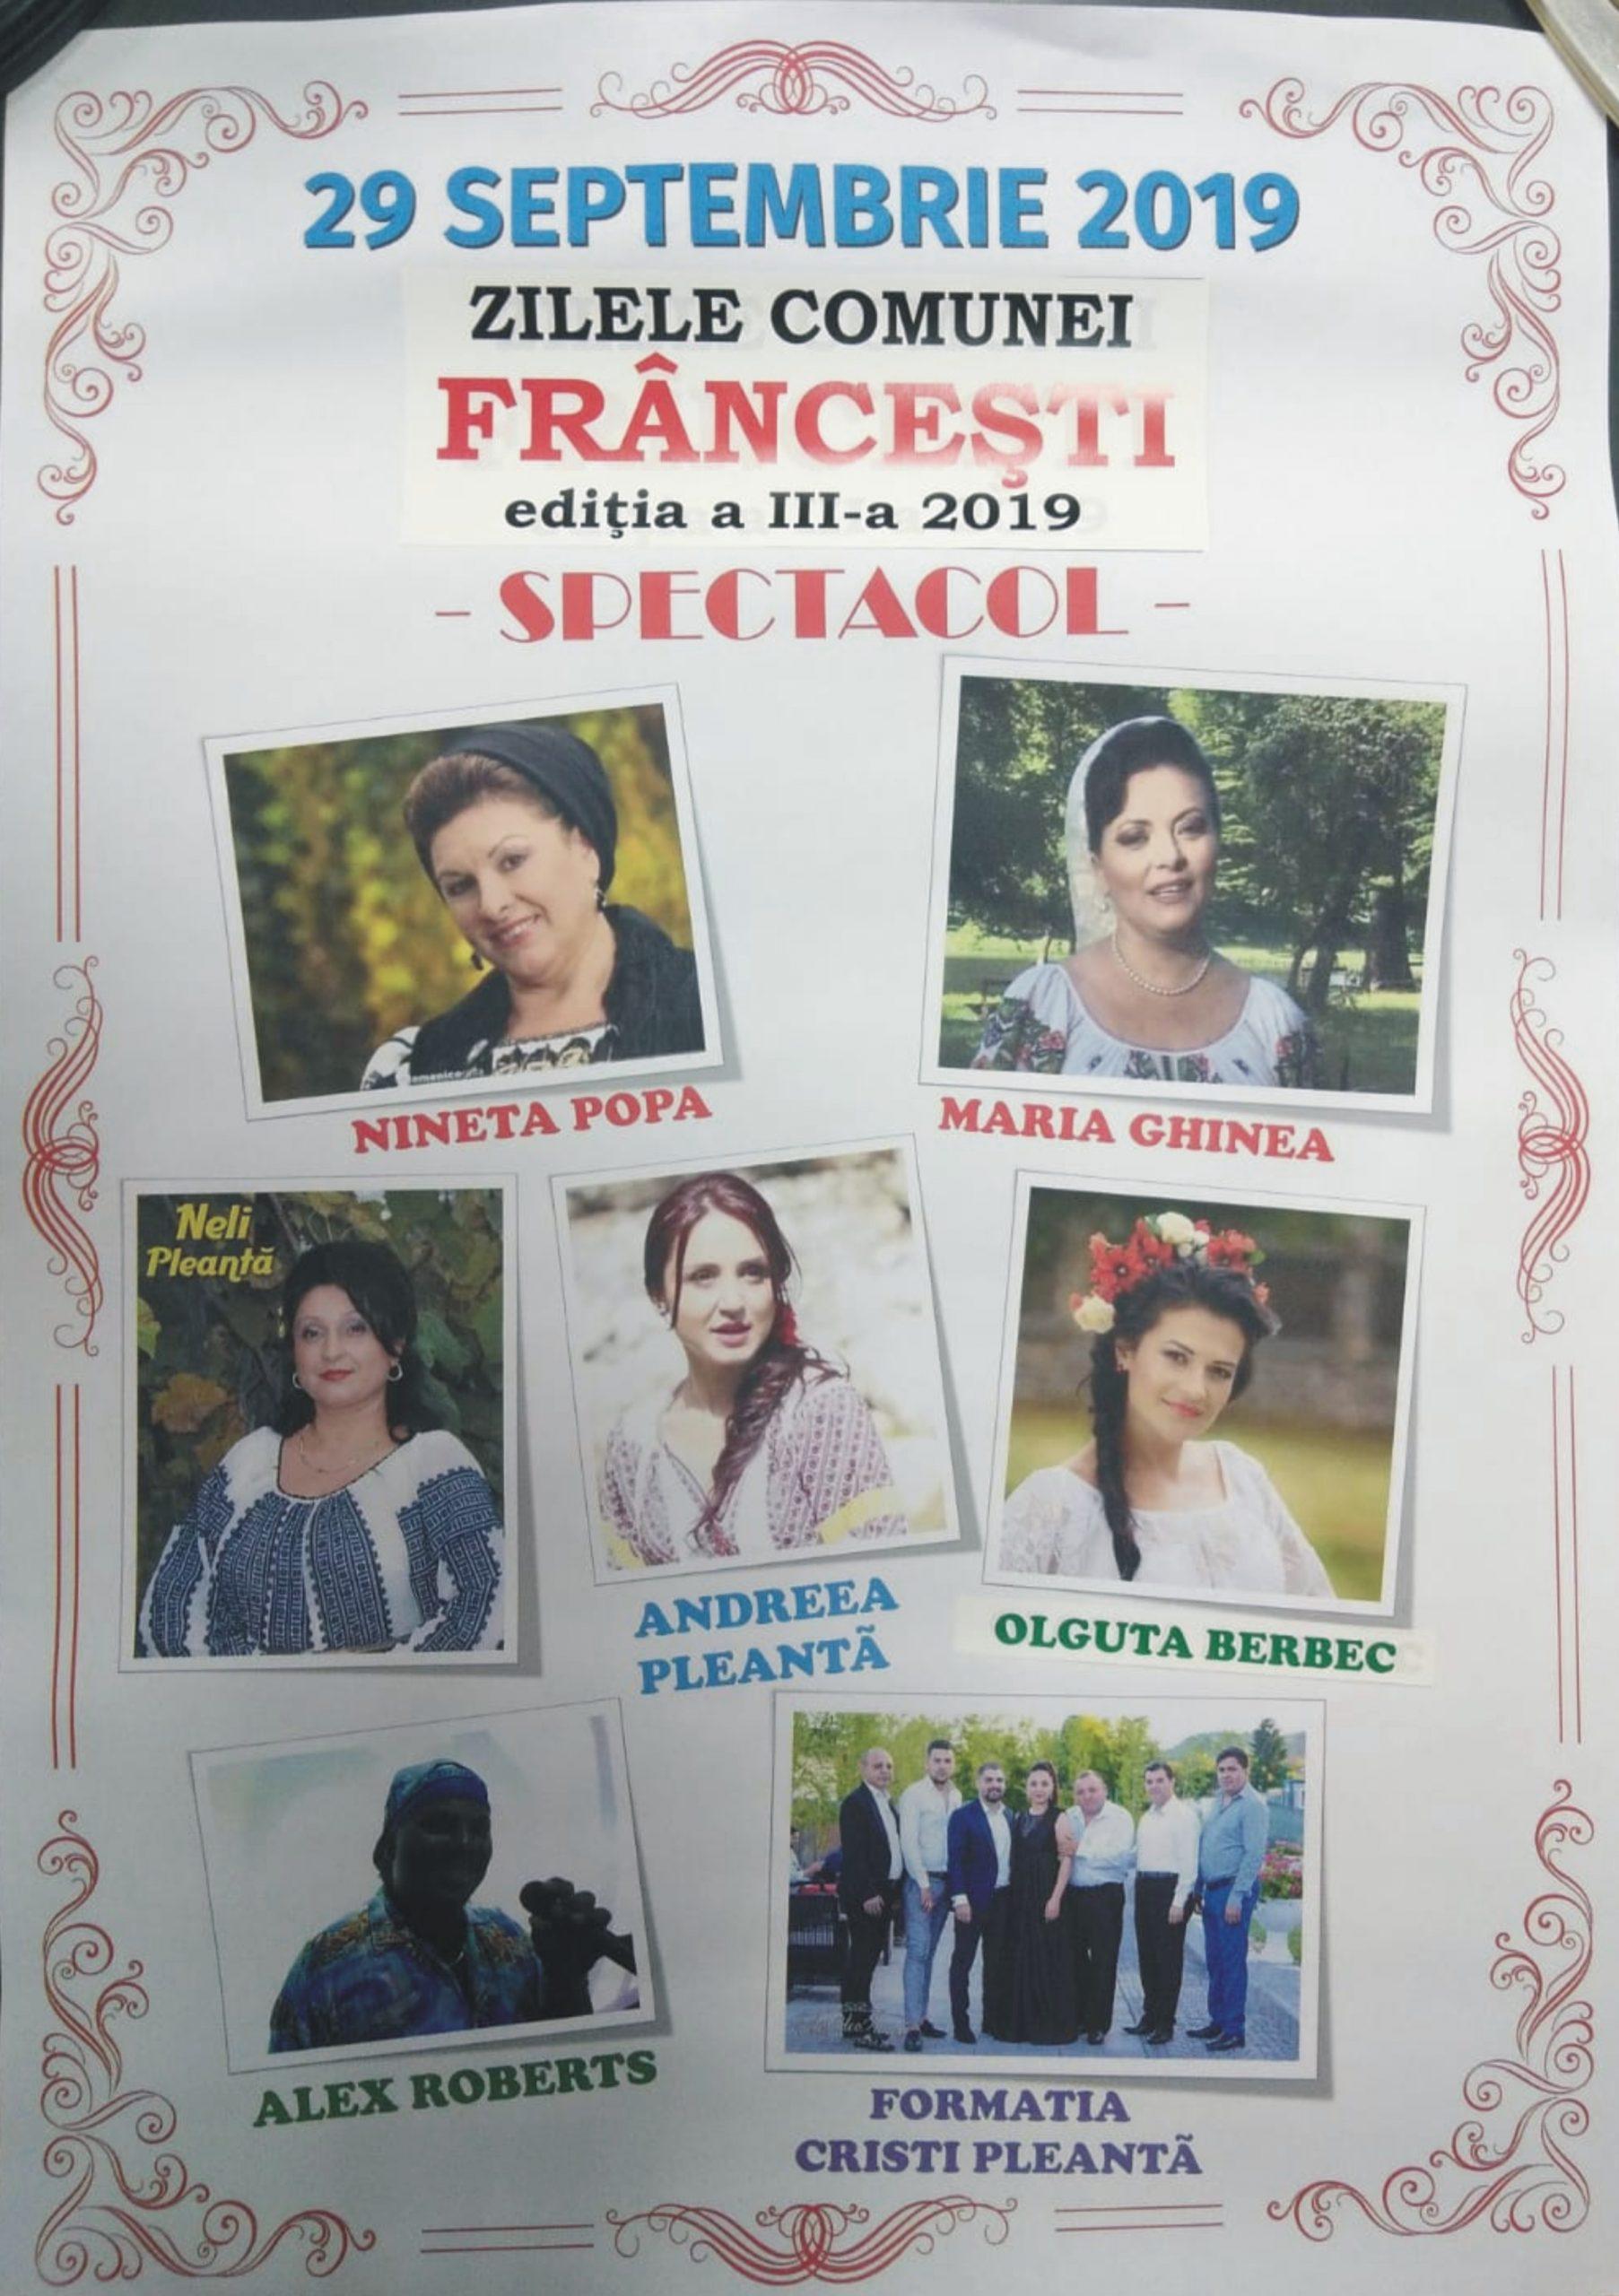 Pregătirile sunt în toi, pentru Ziua comunei Frâncesti Evenimentul mult-aşteptat de întreaga comunitate va avea loc dumincă, 29 septembrie